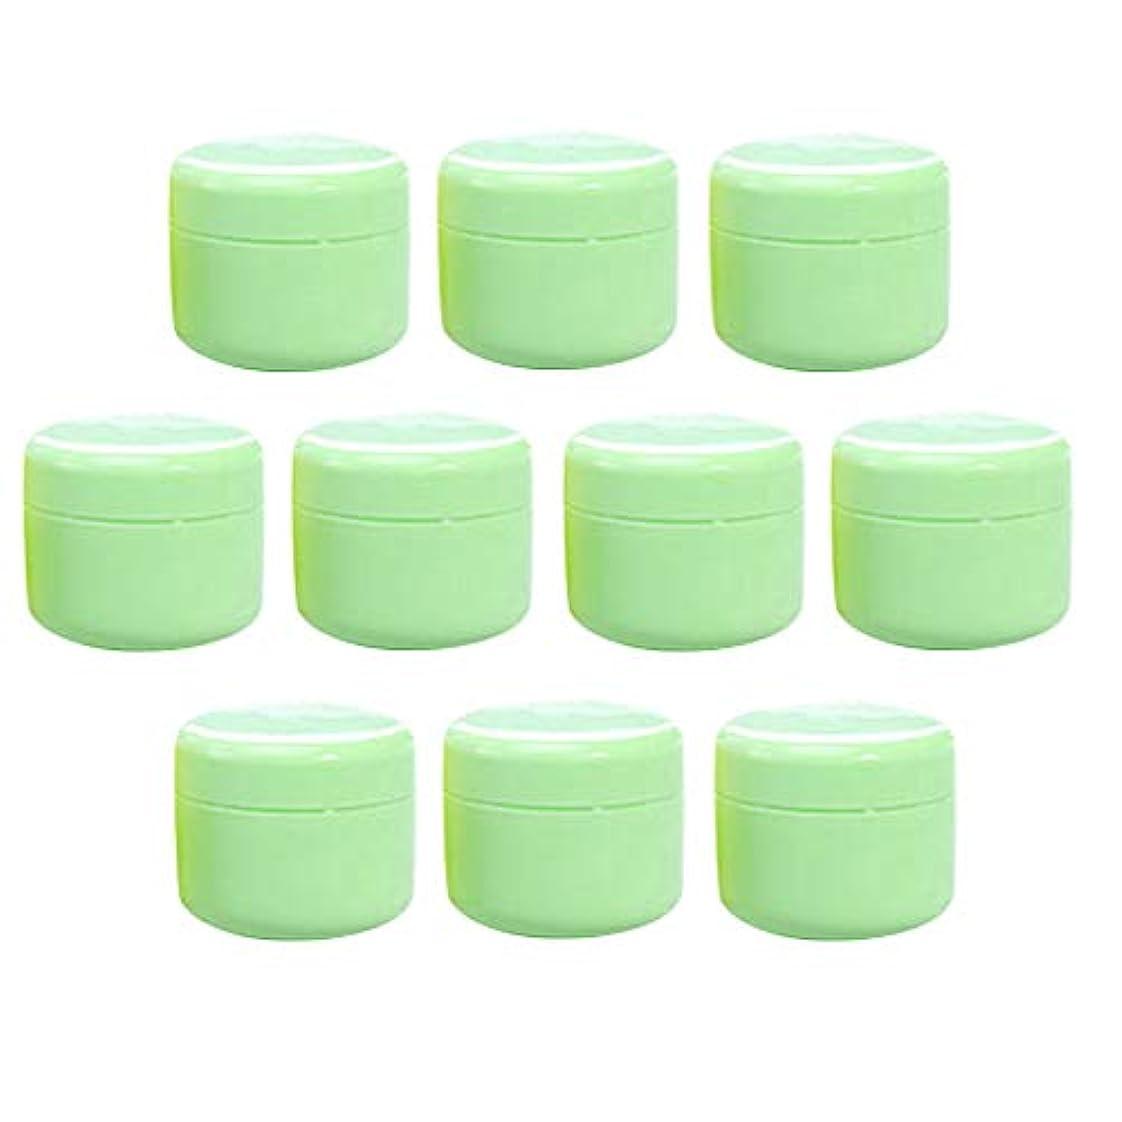 取り戻す不誠実達成詰替え容器 化粧品容器 空のボトル クリームボトル クリーム容器 旅行用品 10個入り 全15選択 - グリーン50g